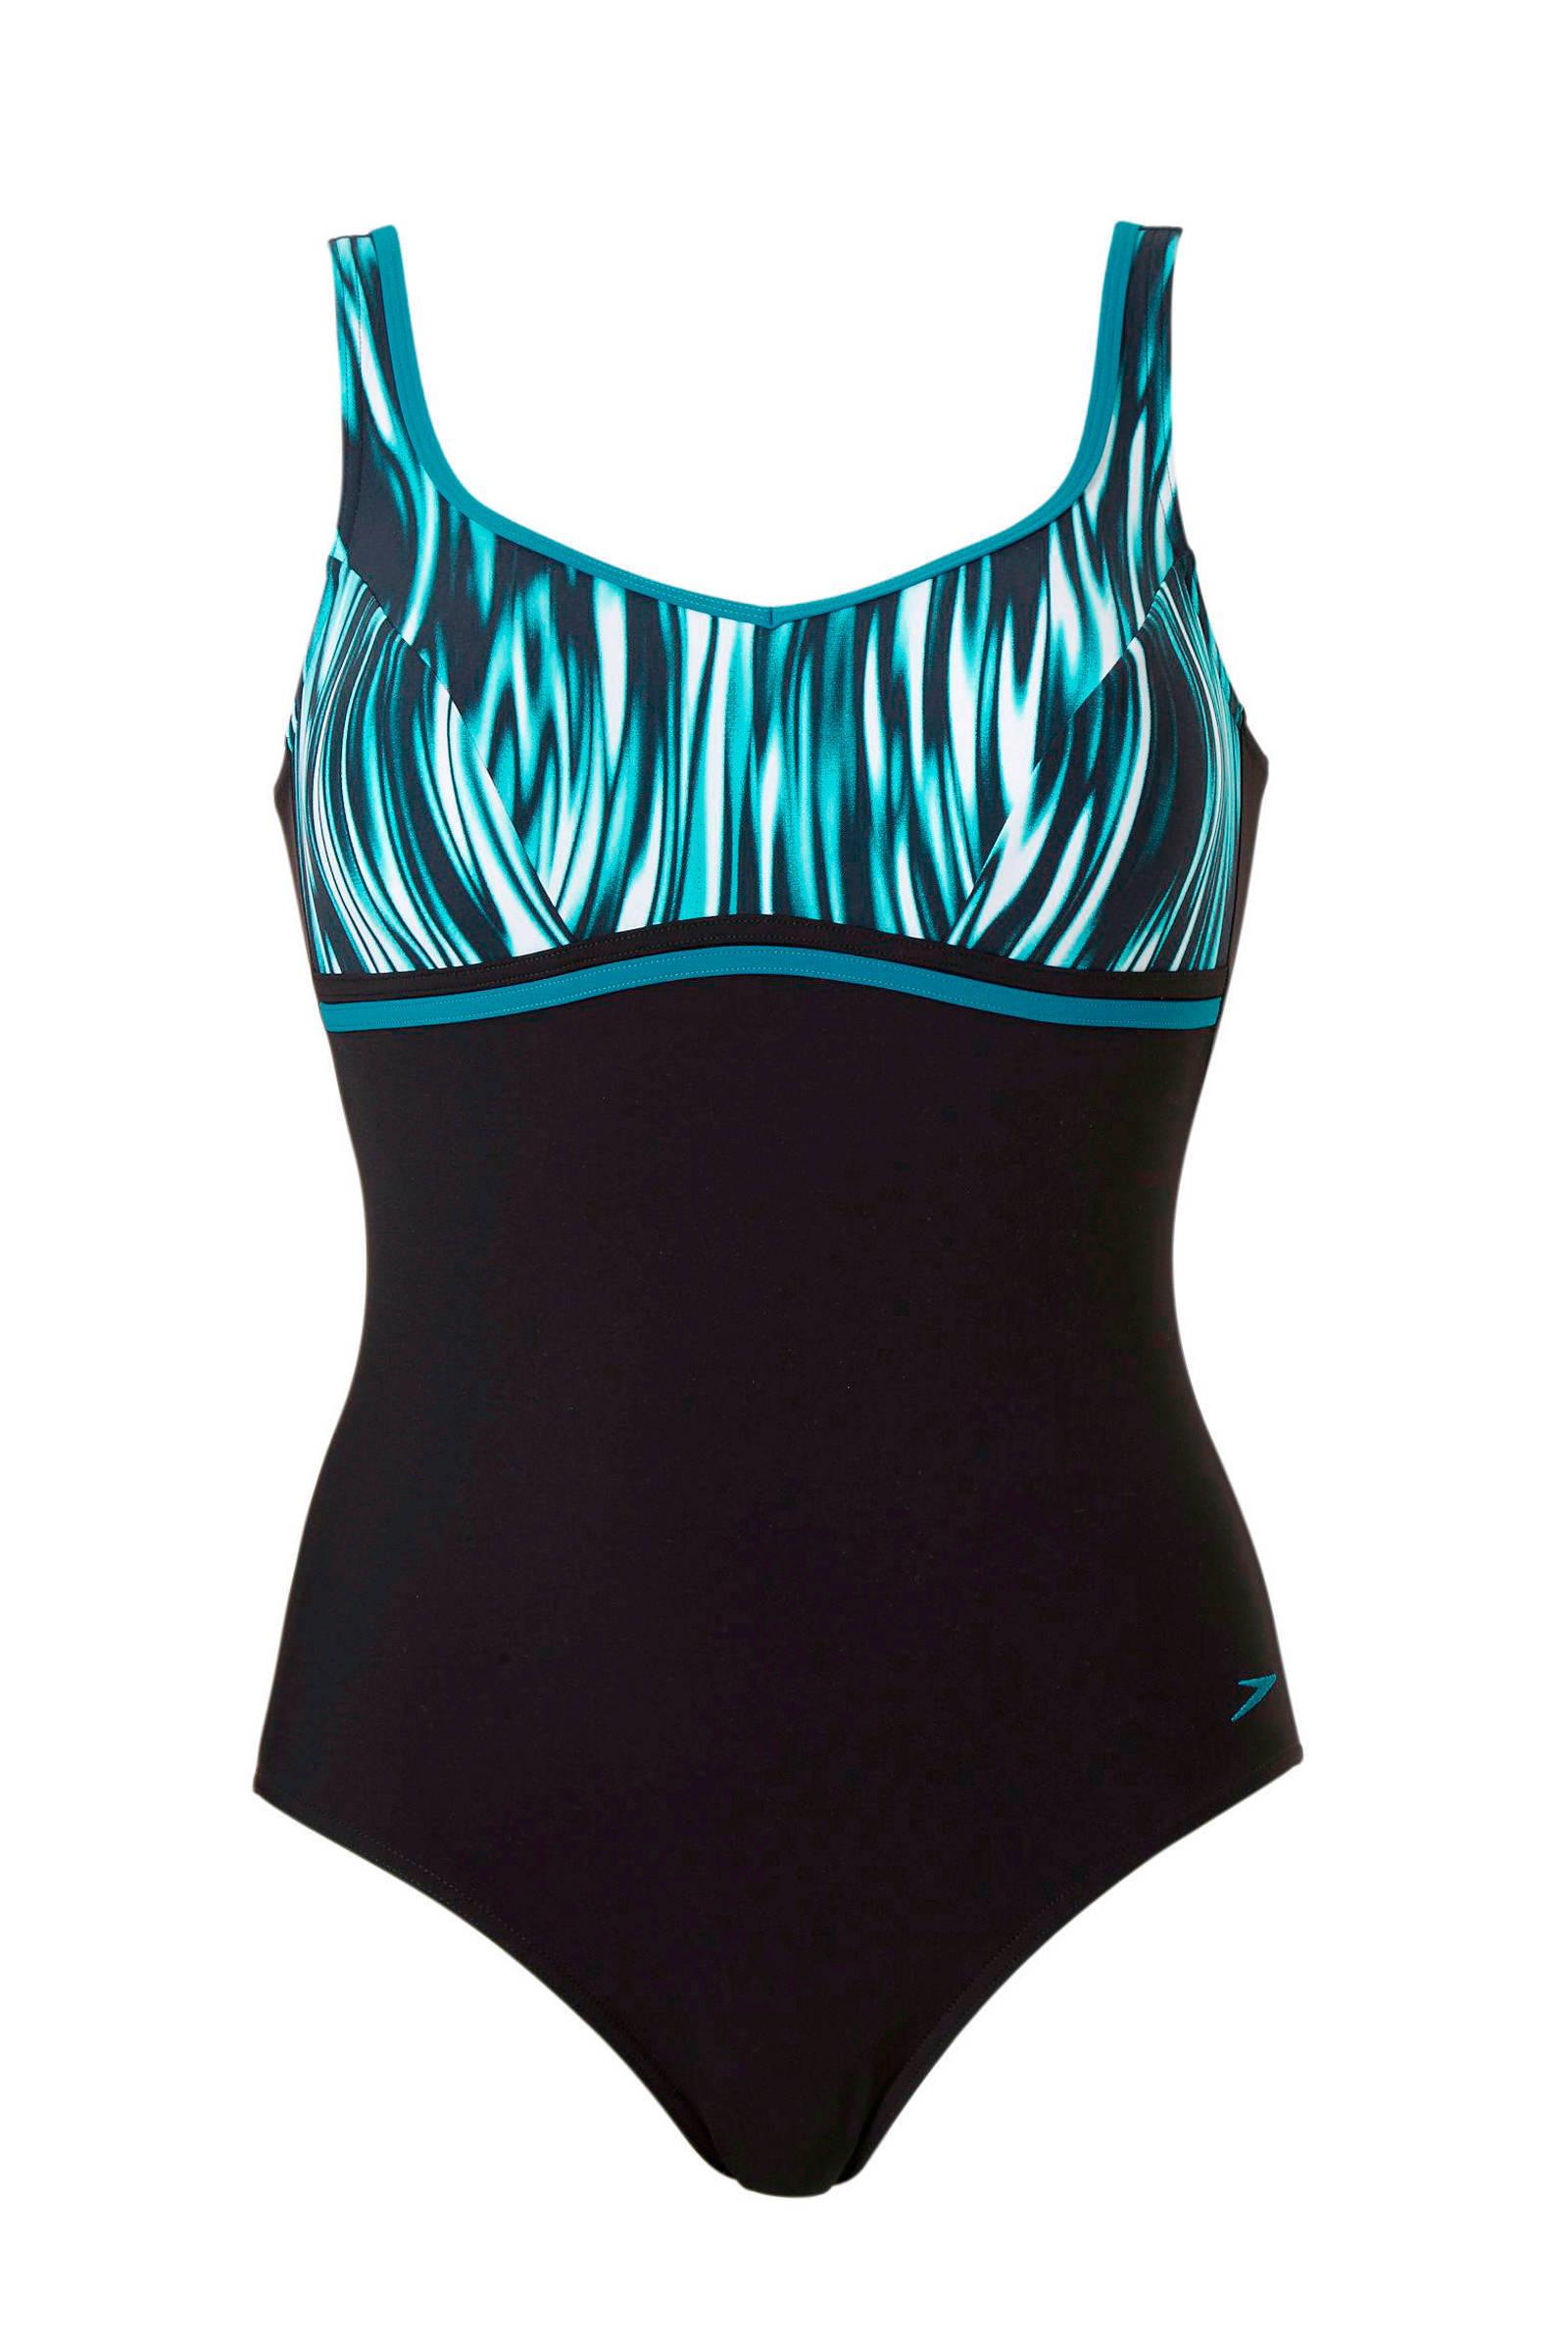 5dd57147202 speedo-sculpture-sportbadpak-contourluxe-zwart-groen-dames-zwart-5053744412504.jpg